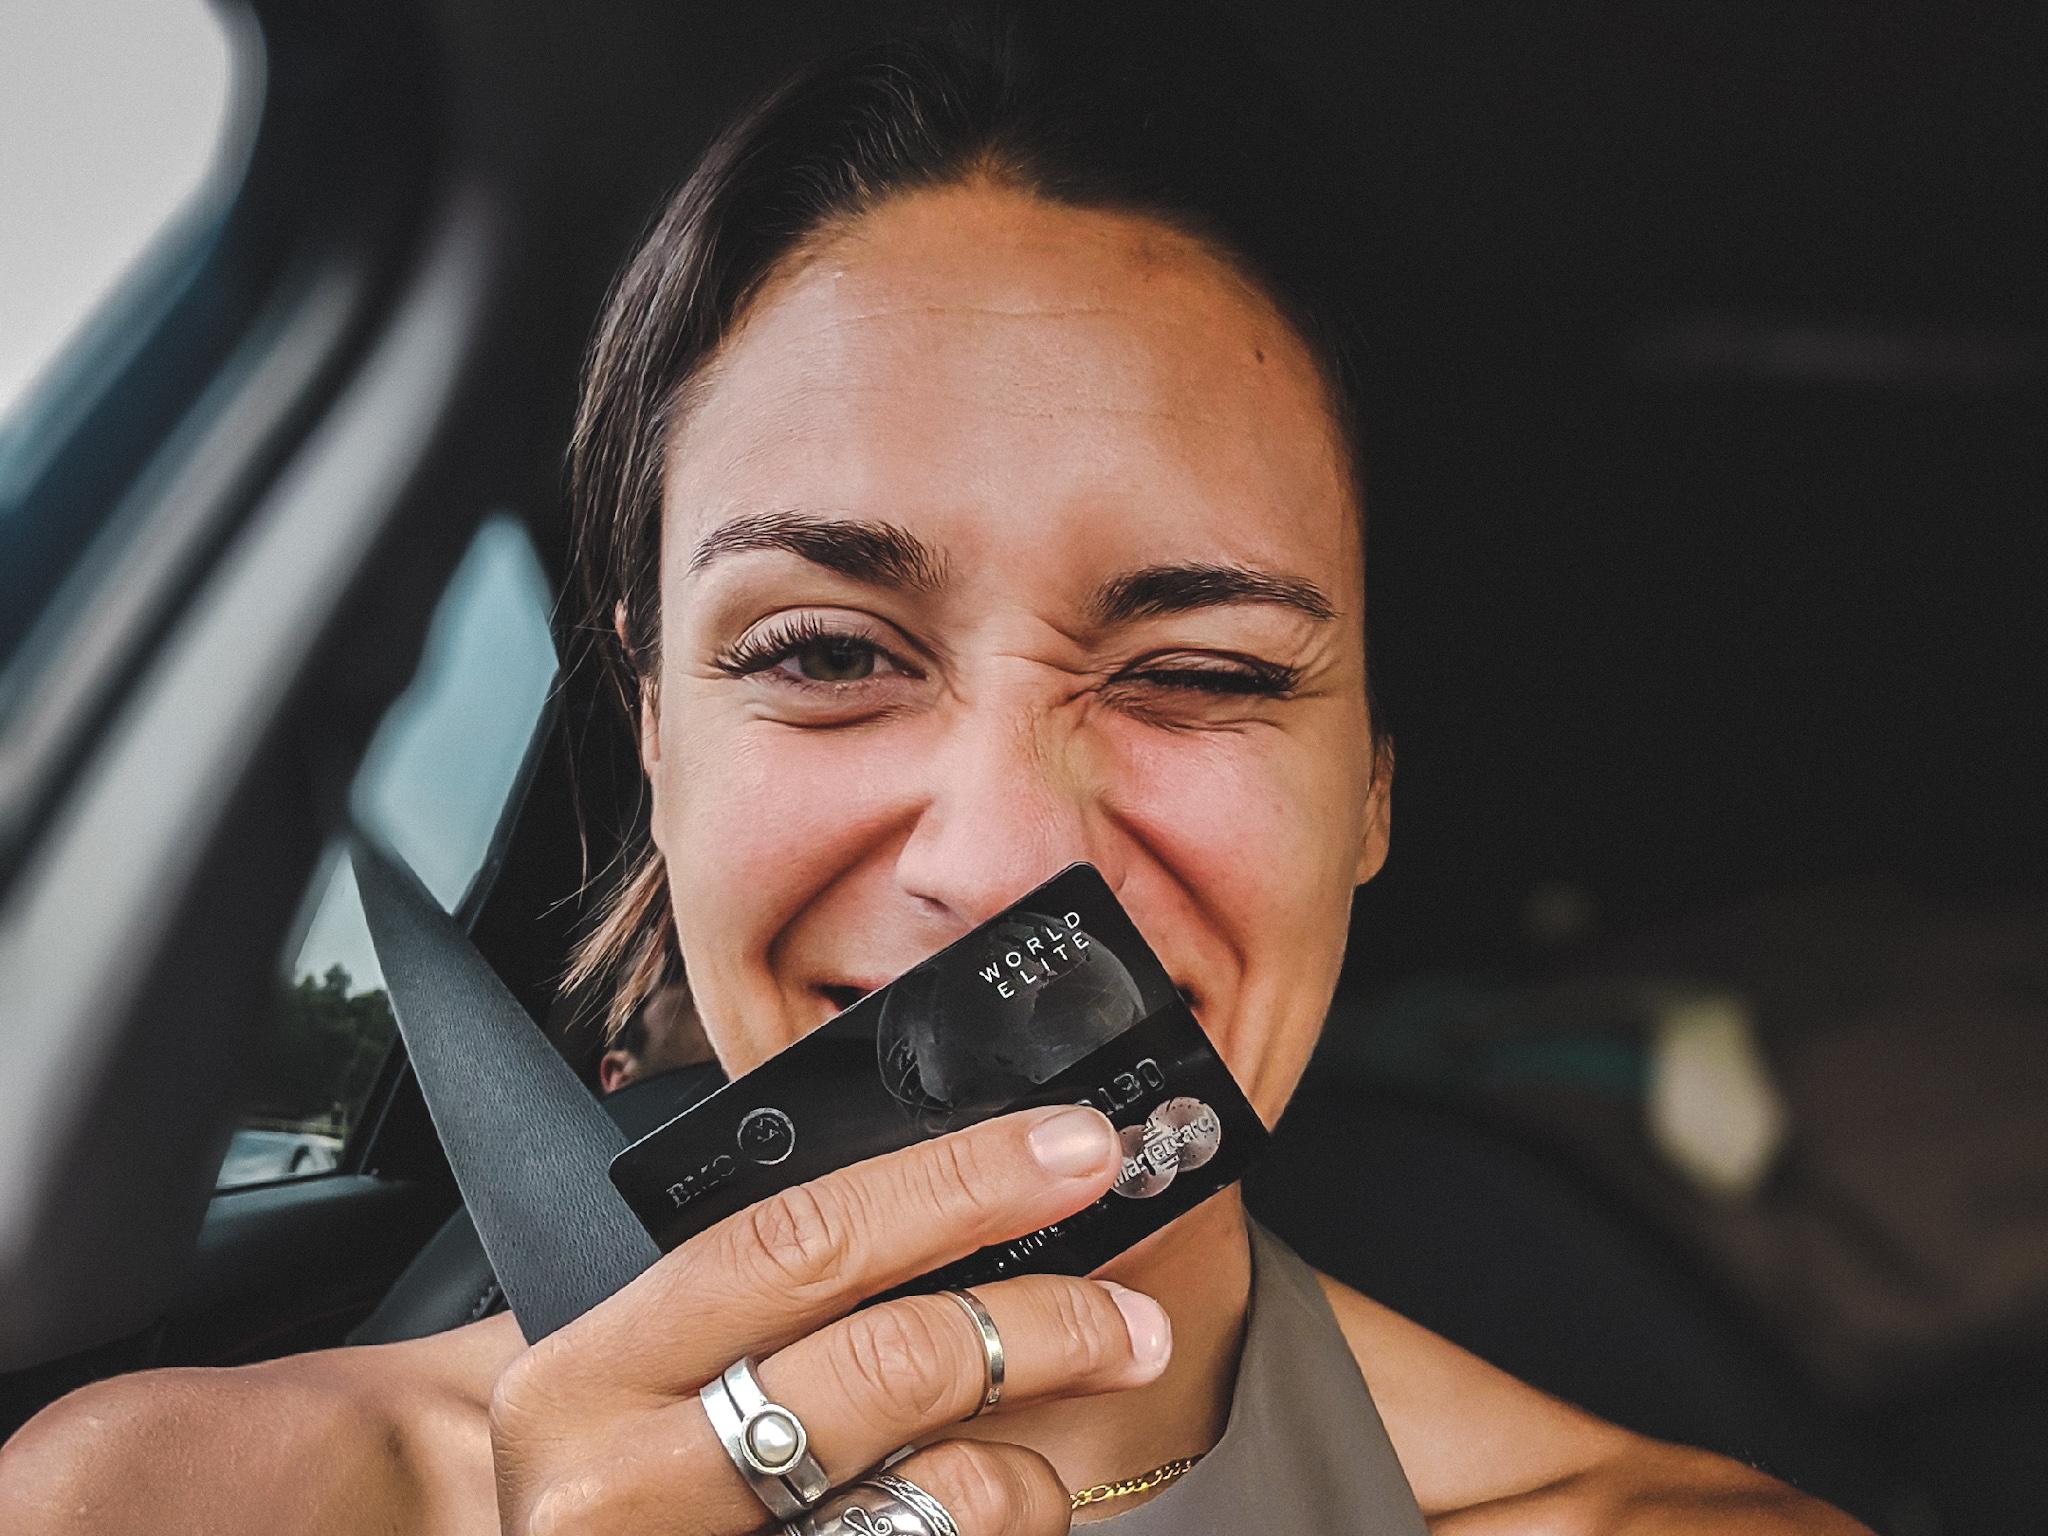 Camille Dg Mastercard World Elite carte de crédit selfie